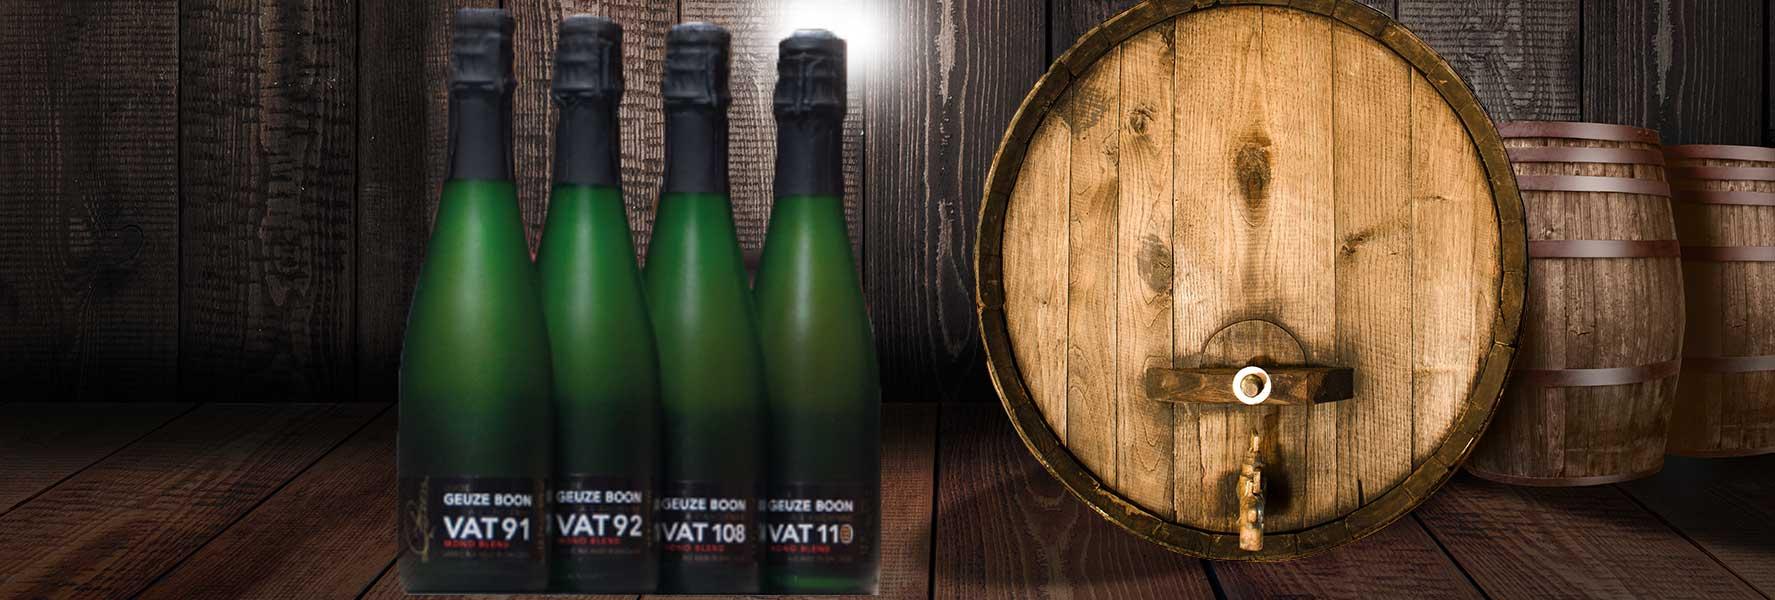 Lamic Bier der Brauerei Boon